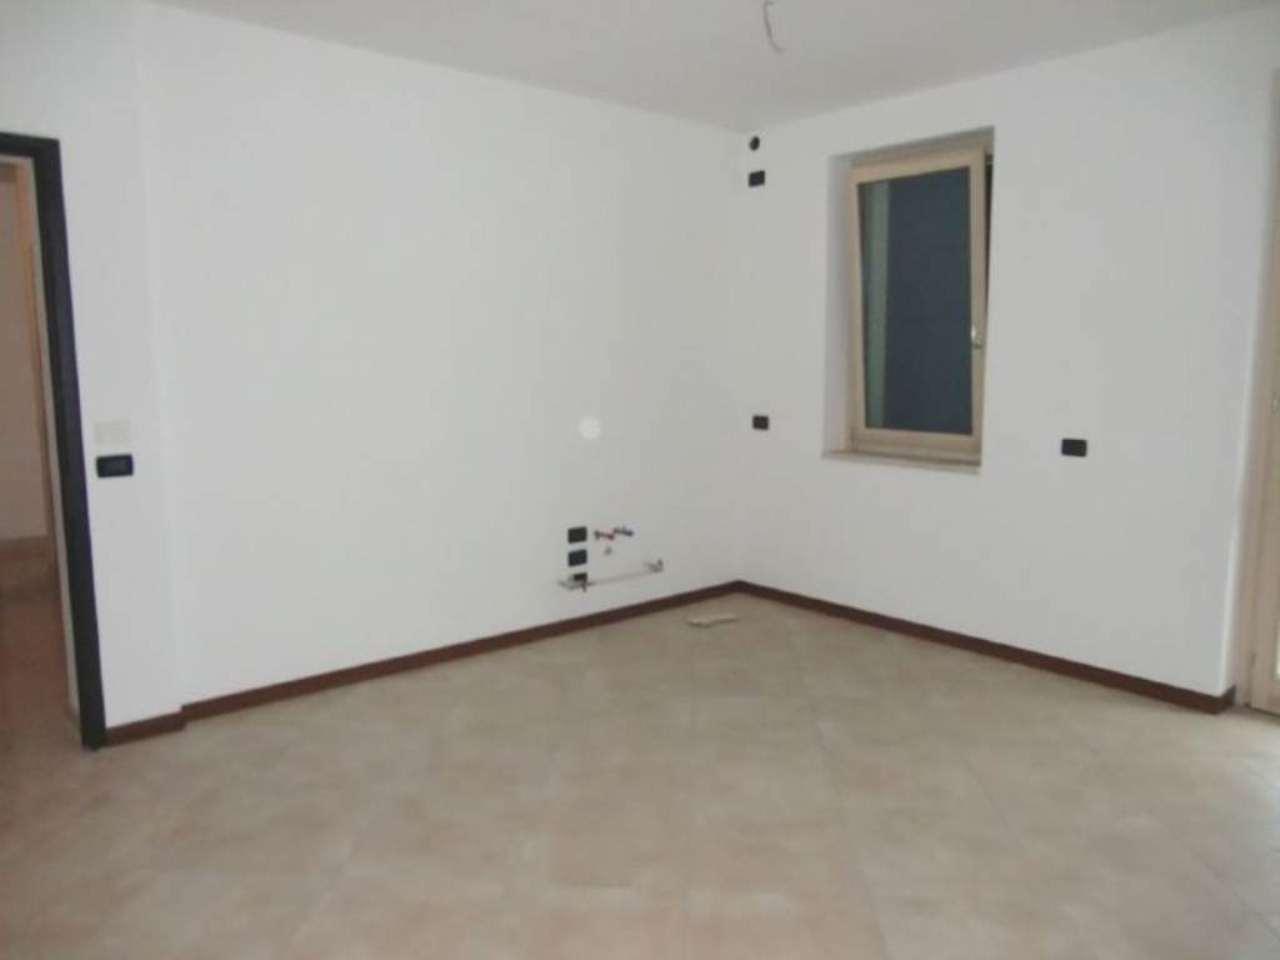 Appartamento in vendita a Sarezzo, 3 locali, prezzo € 130.000 | Cambio Casa.it